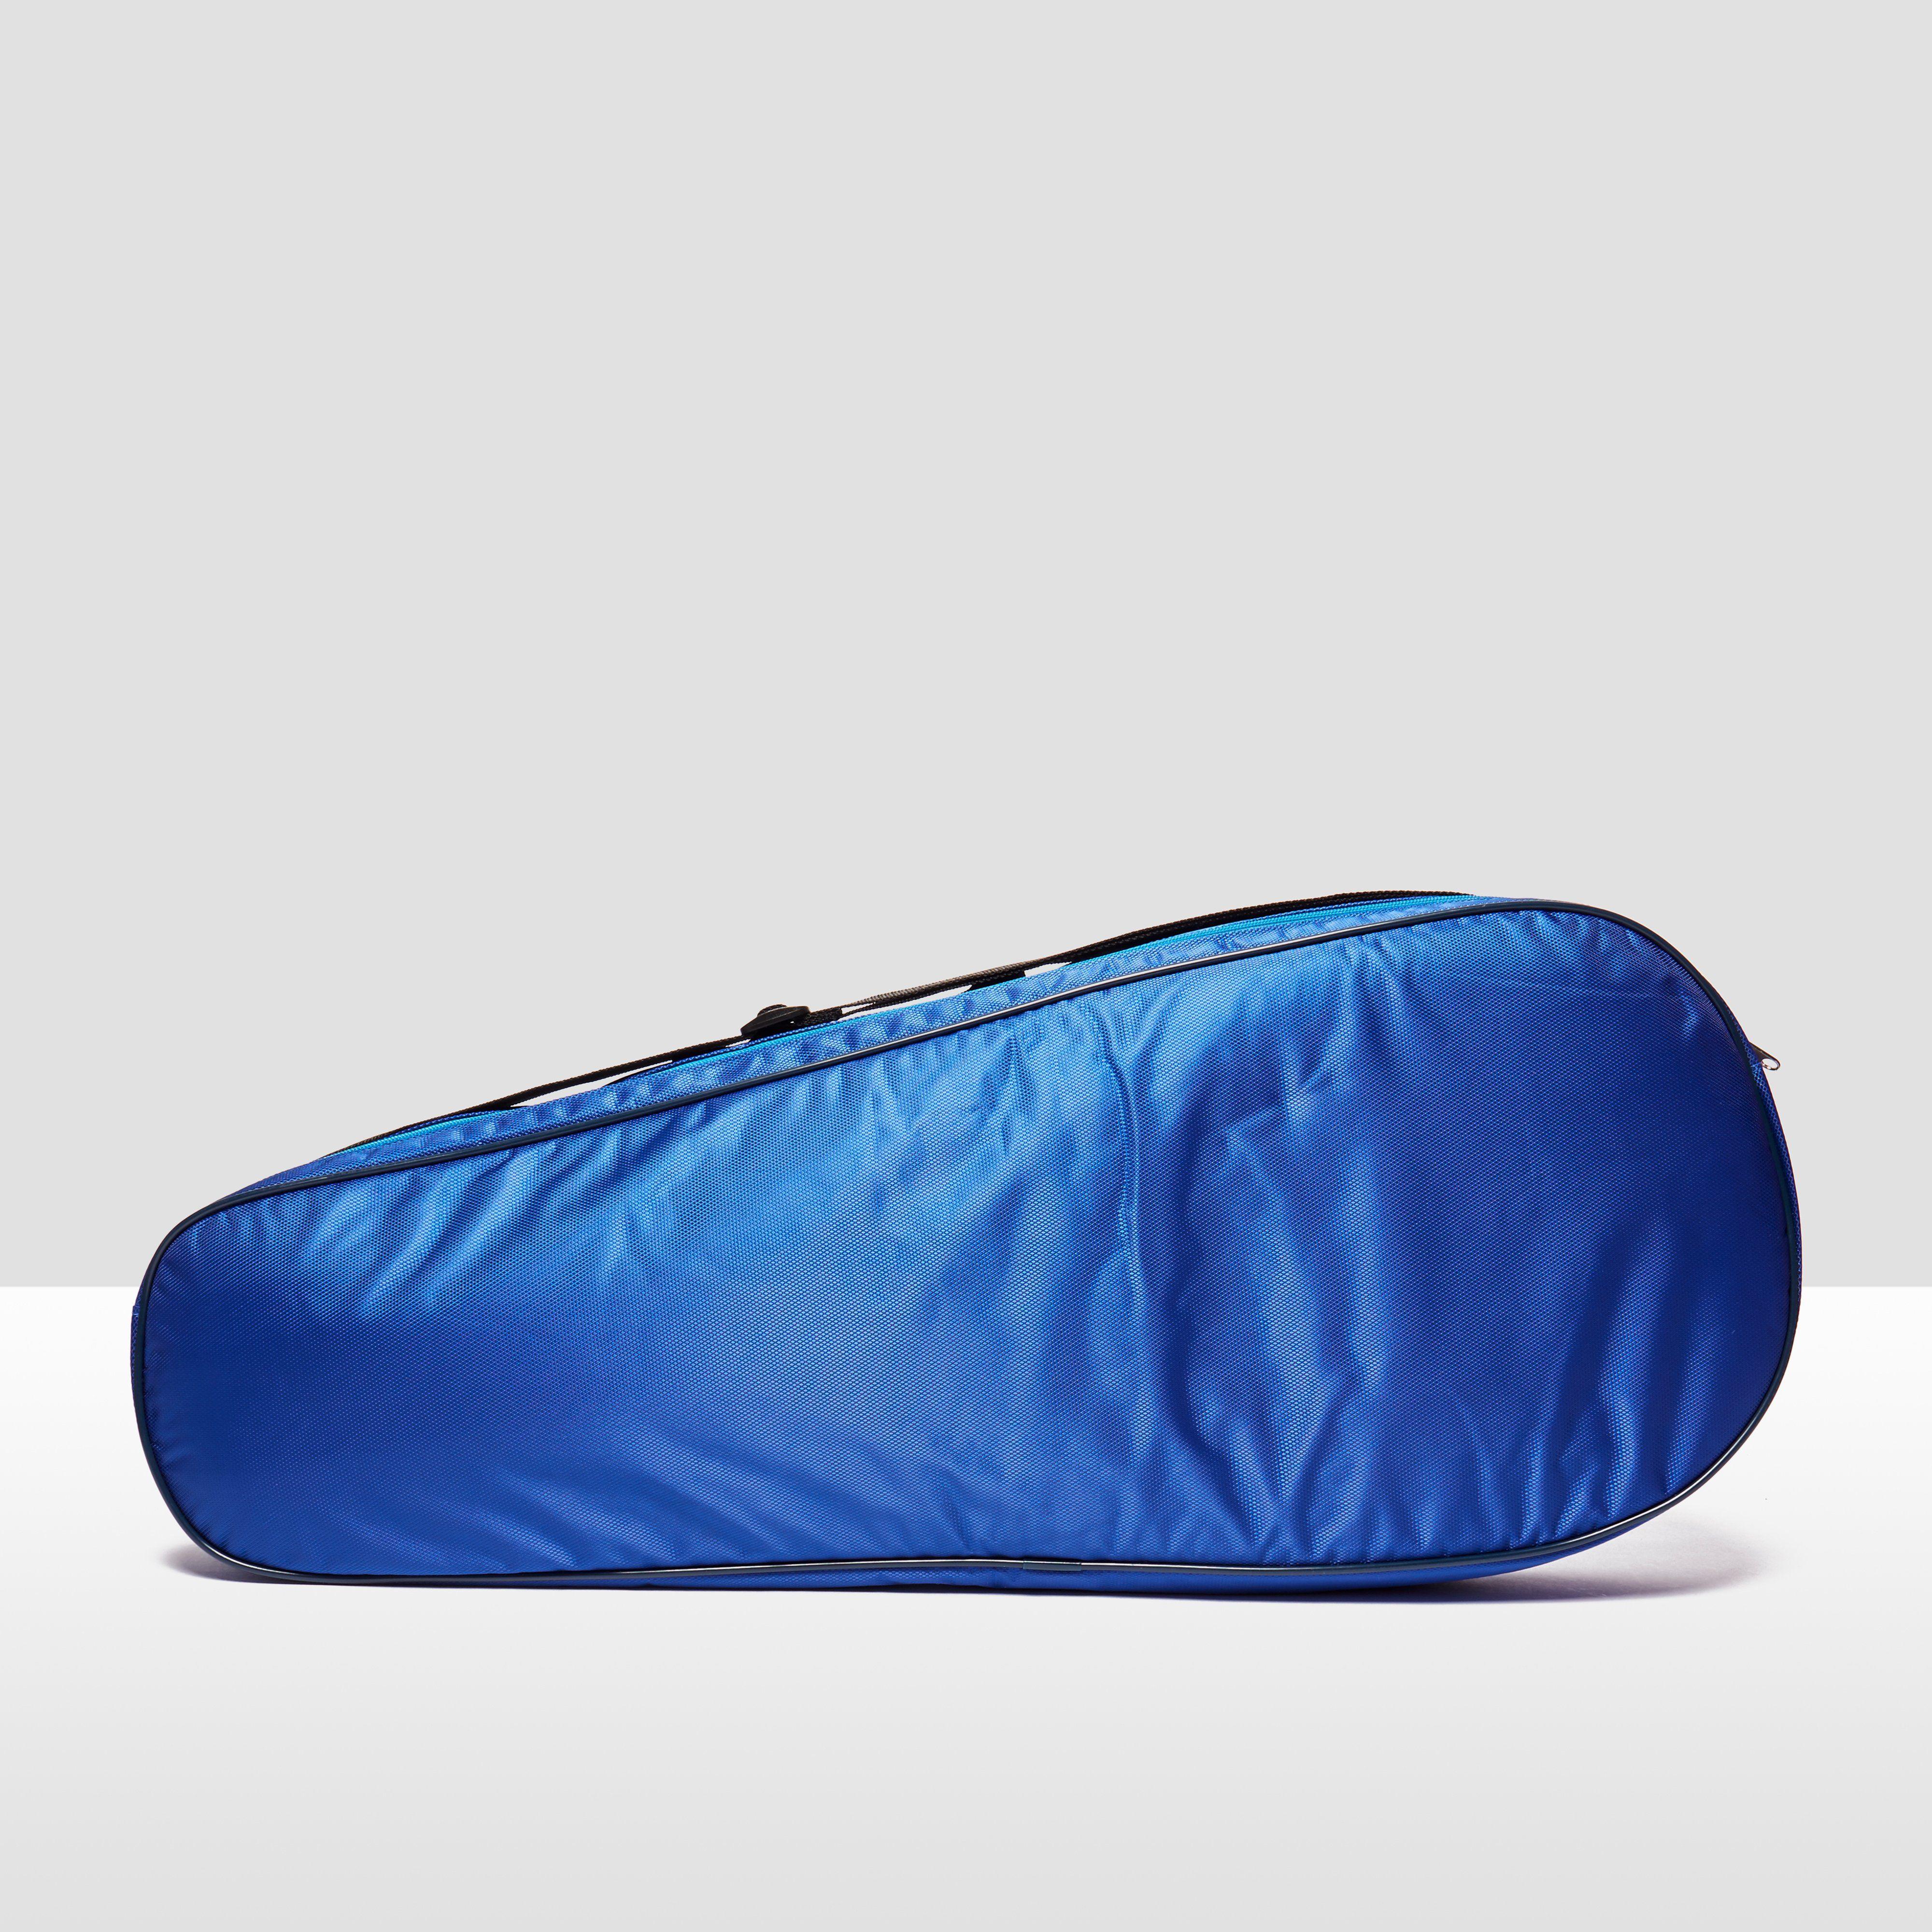 Yonex PERFORMANCE X3 RACKET BAG